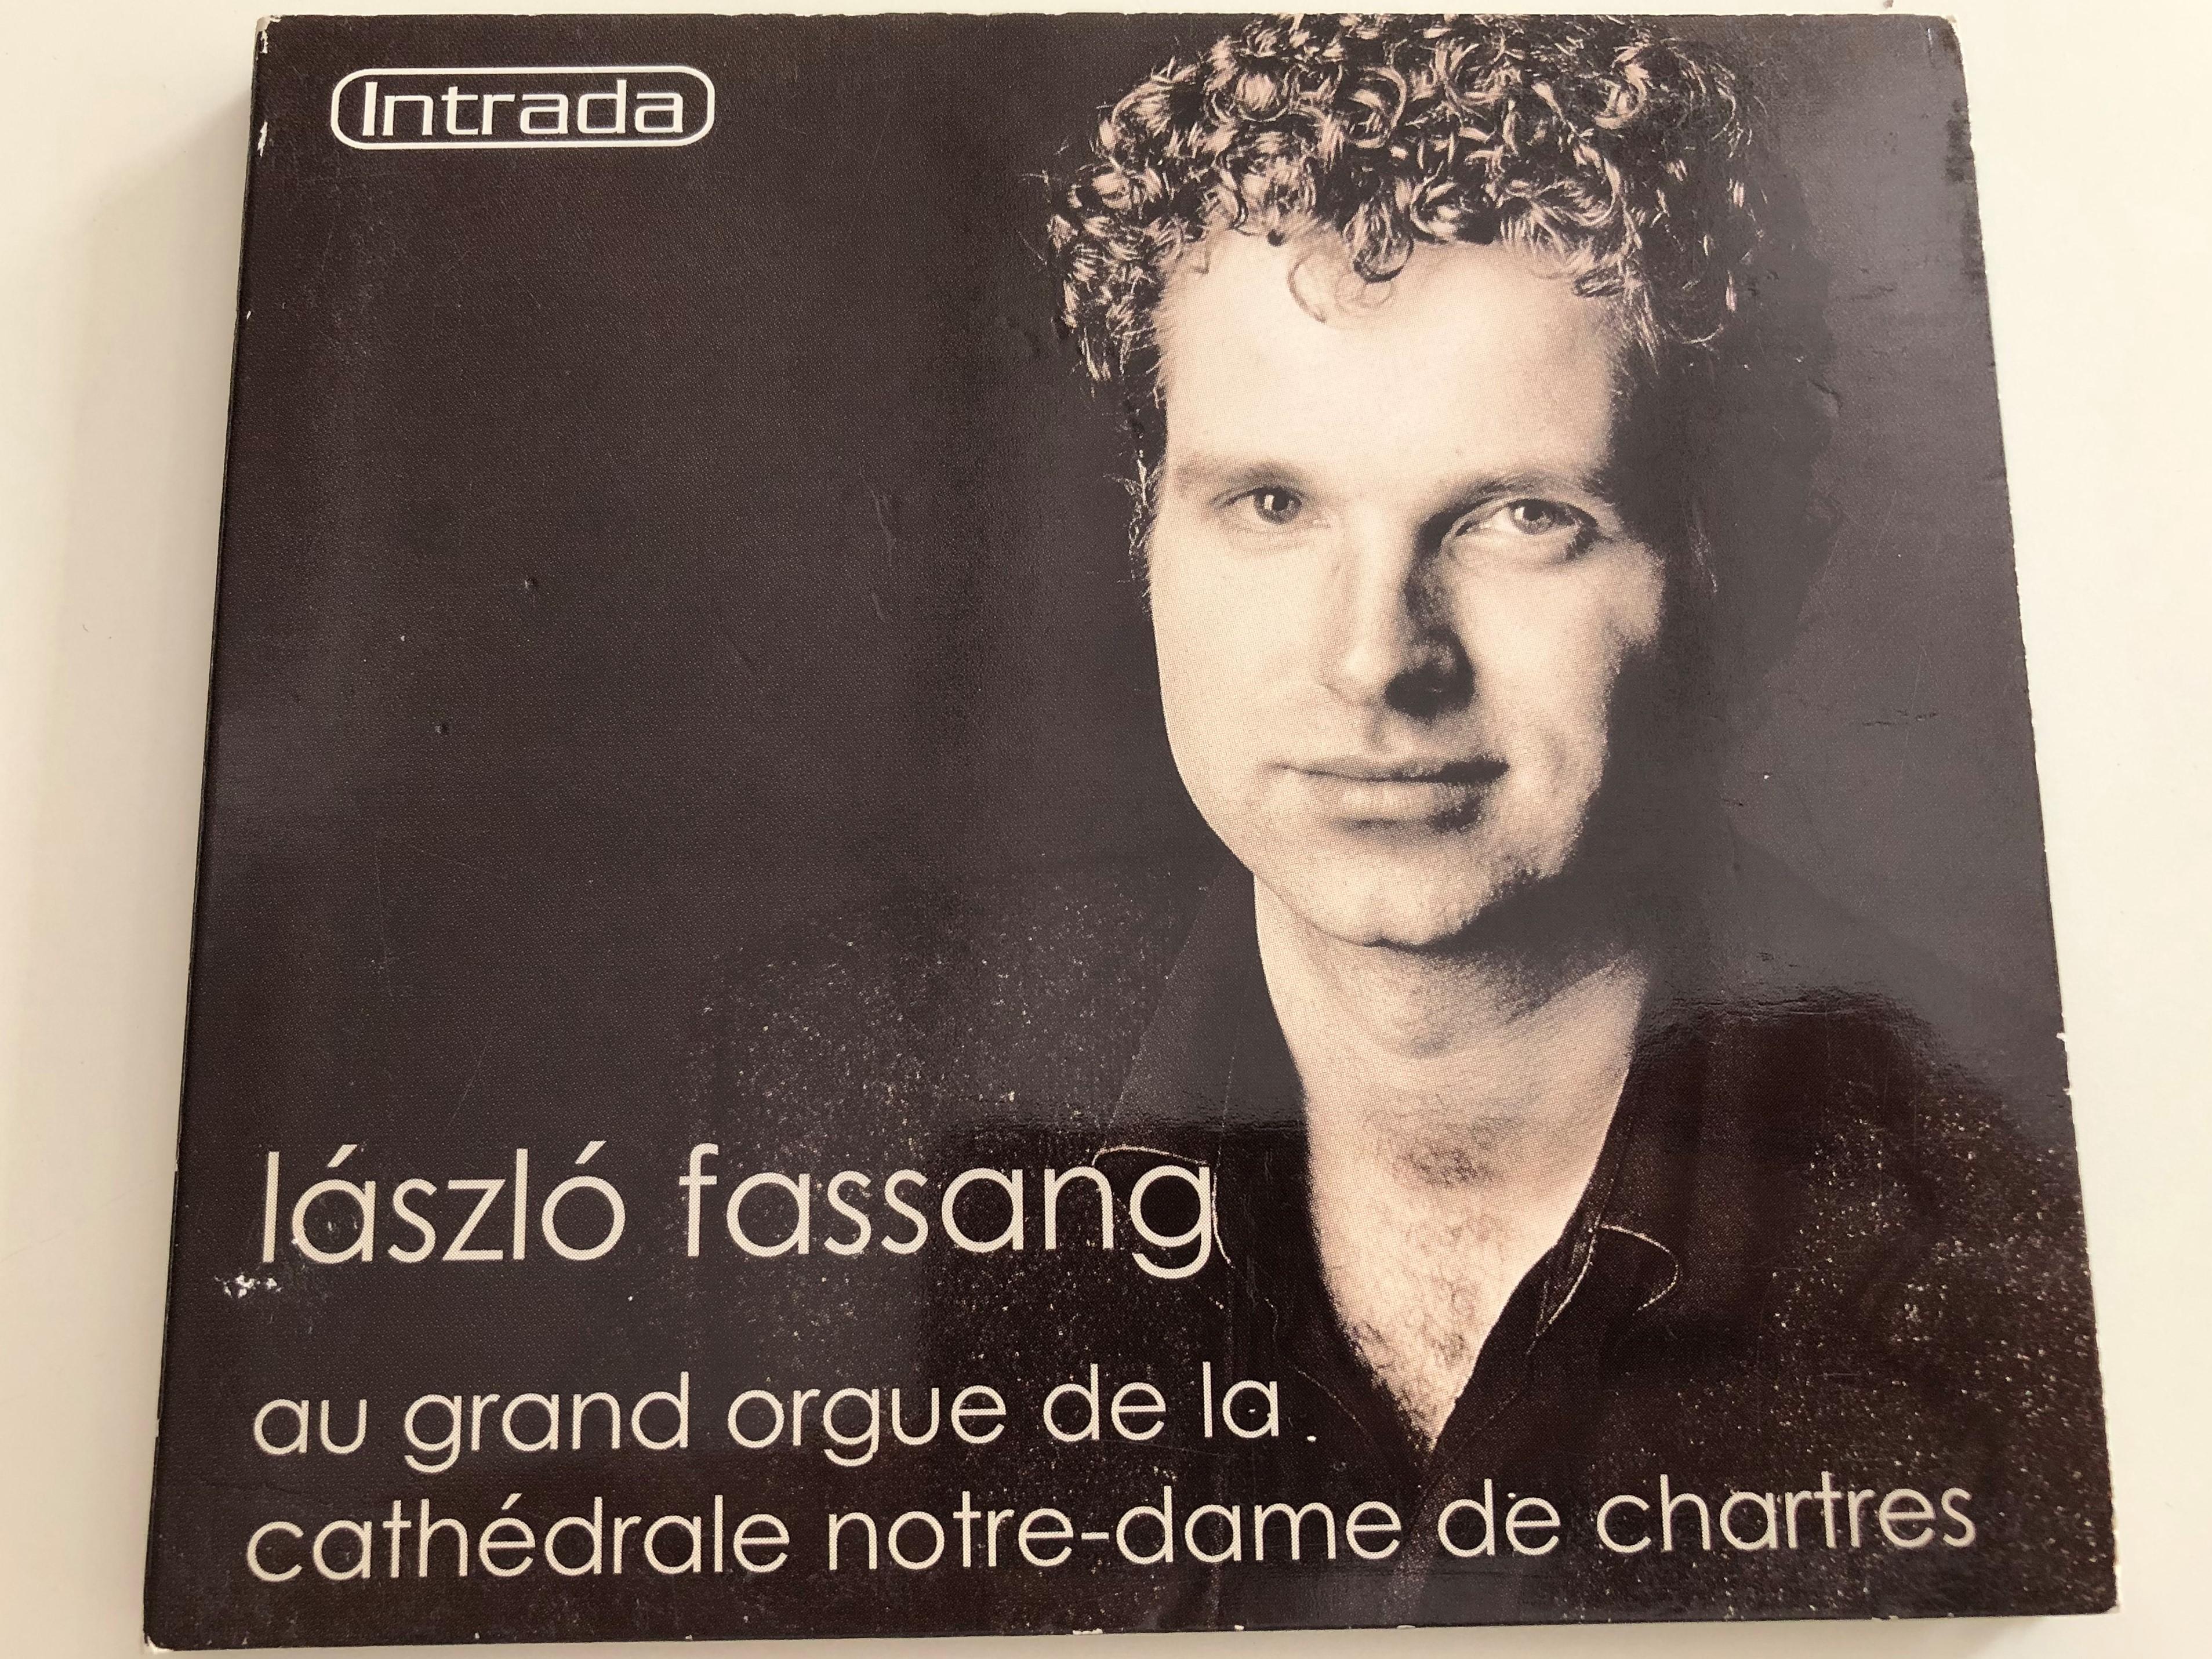 l-szl-fassang-au-grand-orgue-de-la-cath-drale-notre-dame-de-chartres-bach-vierne-alain-liszt-audio-cd-2005-intrada-1-.jpg